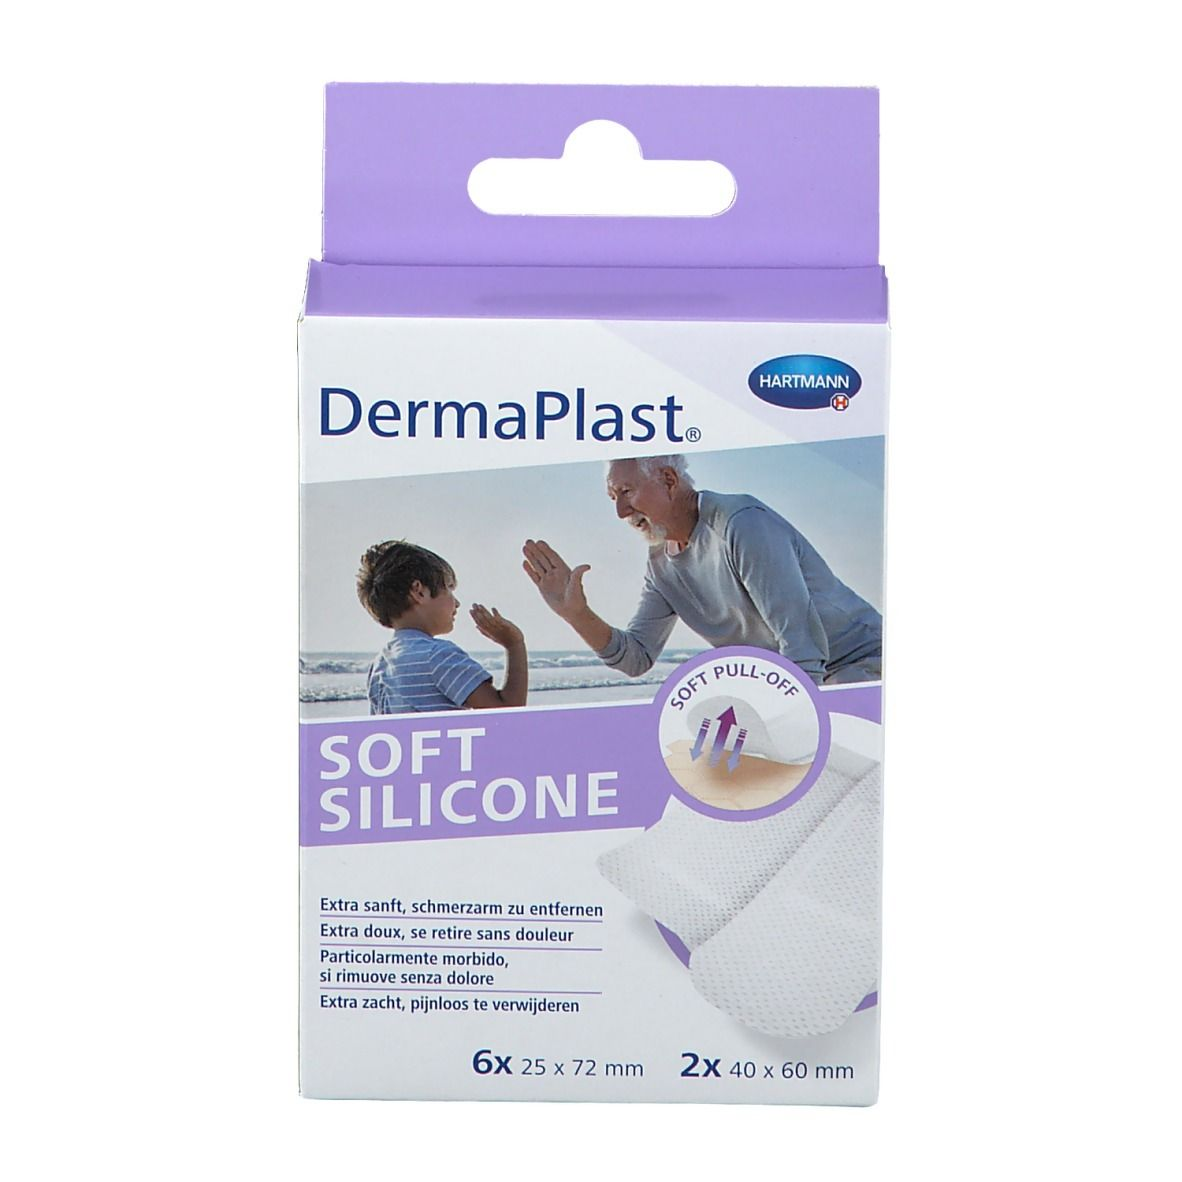 DermaPlast® Soft Silicone